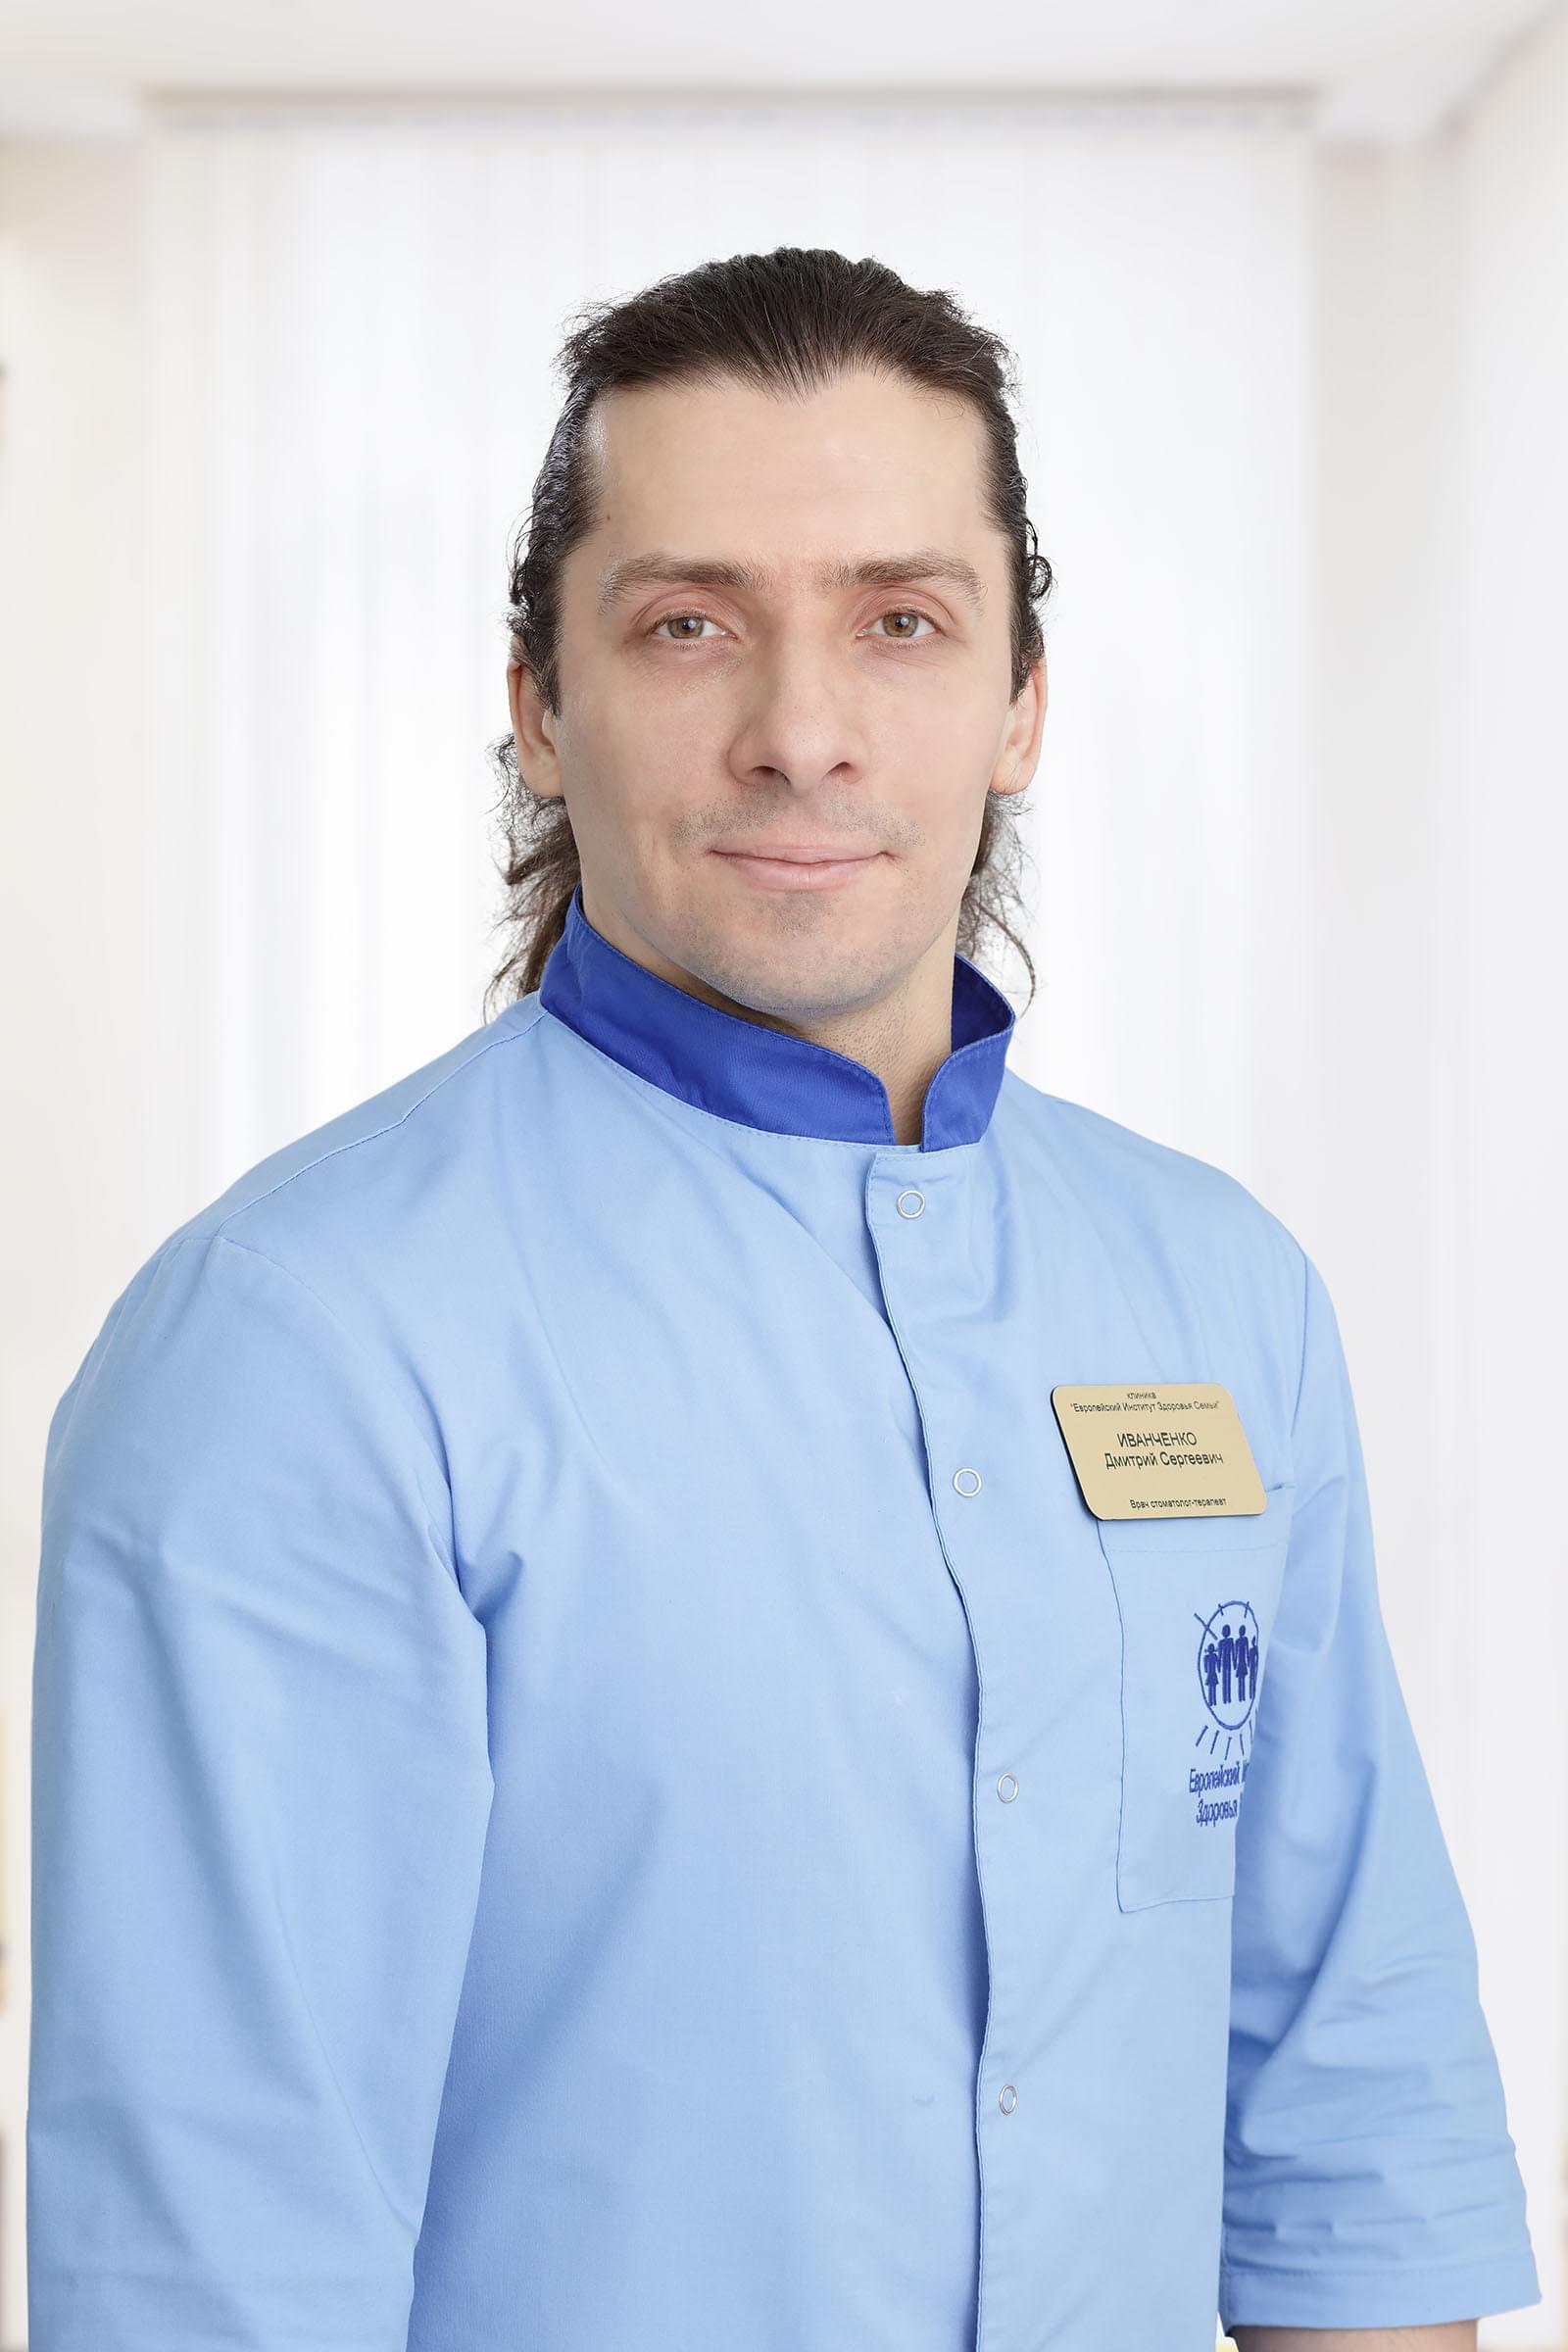 Иванченко Дмитрий Сергеевич : Врач стоматолог-терапевт